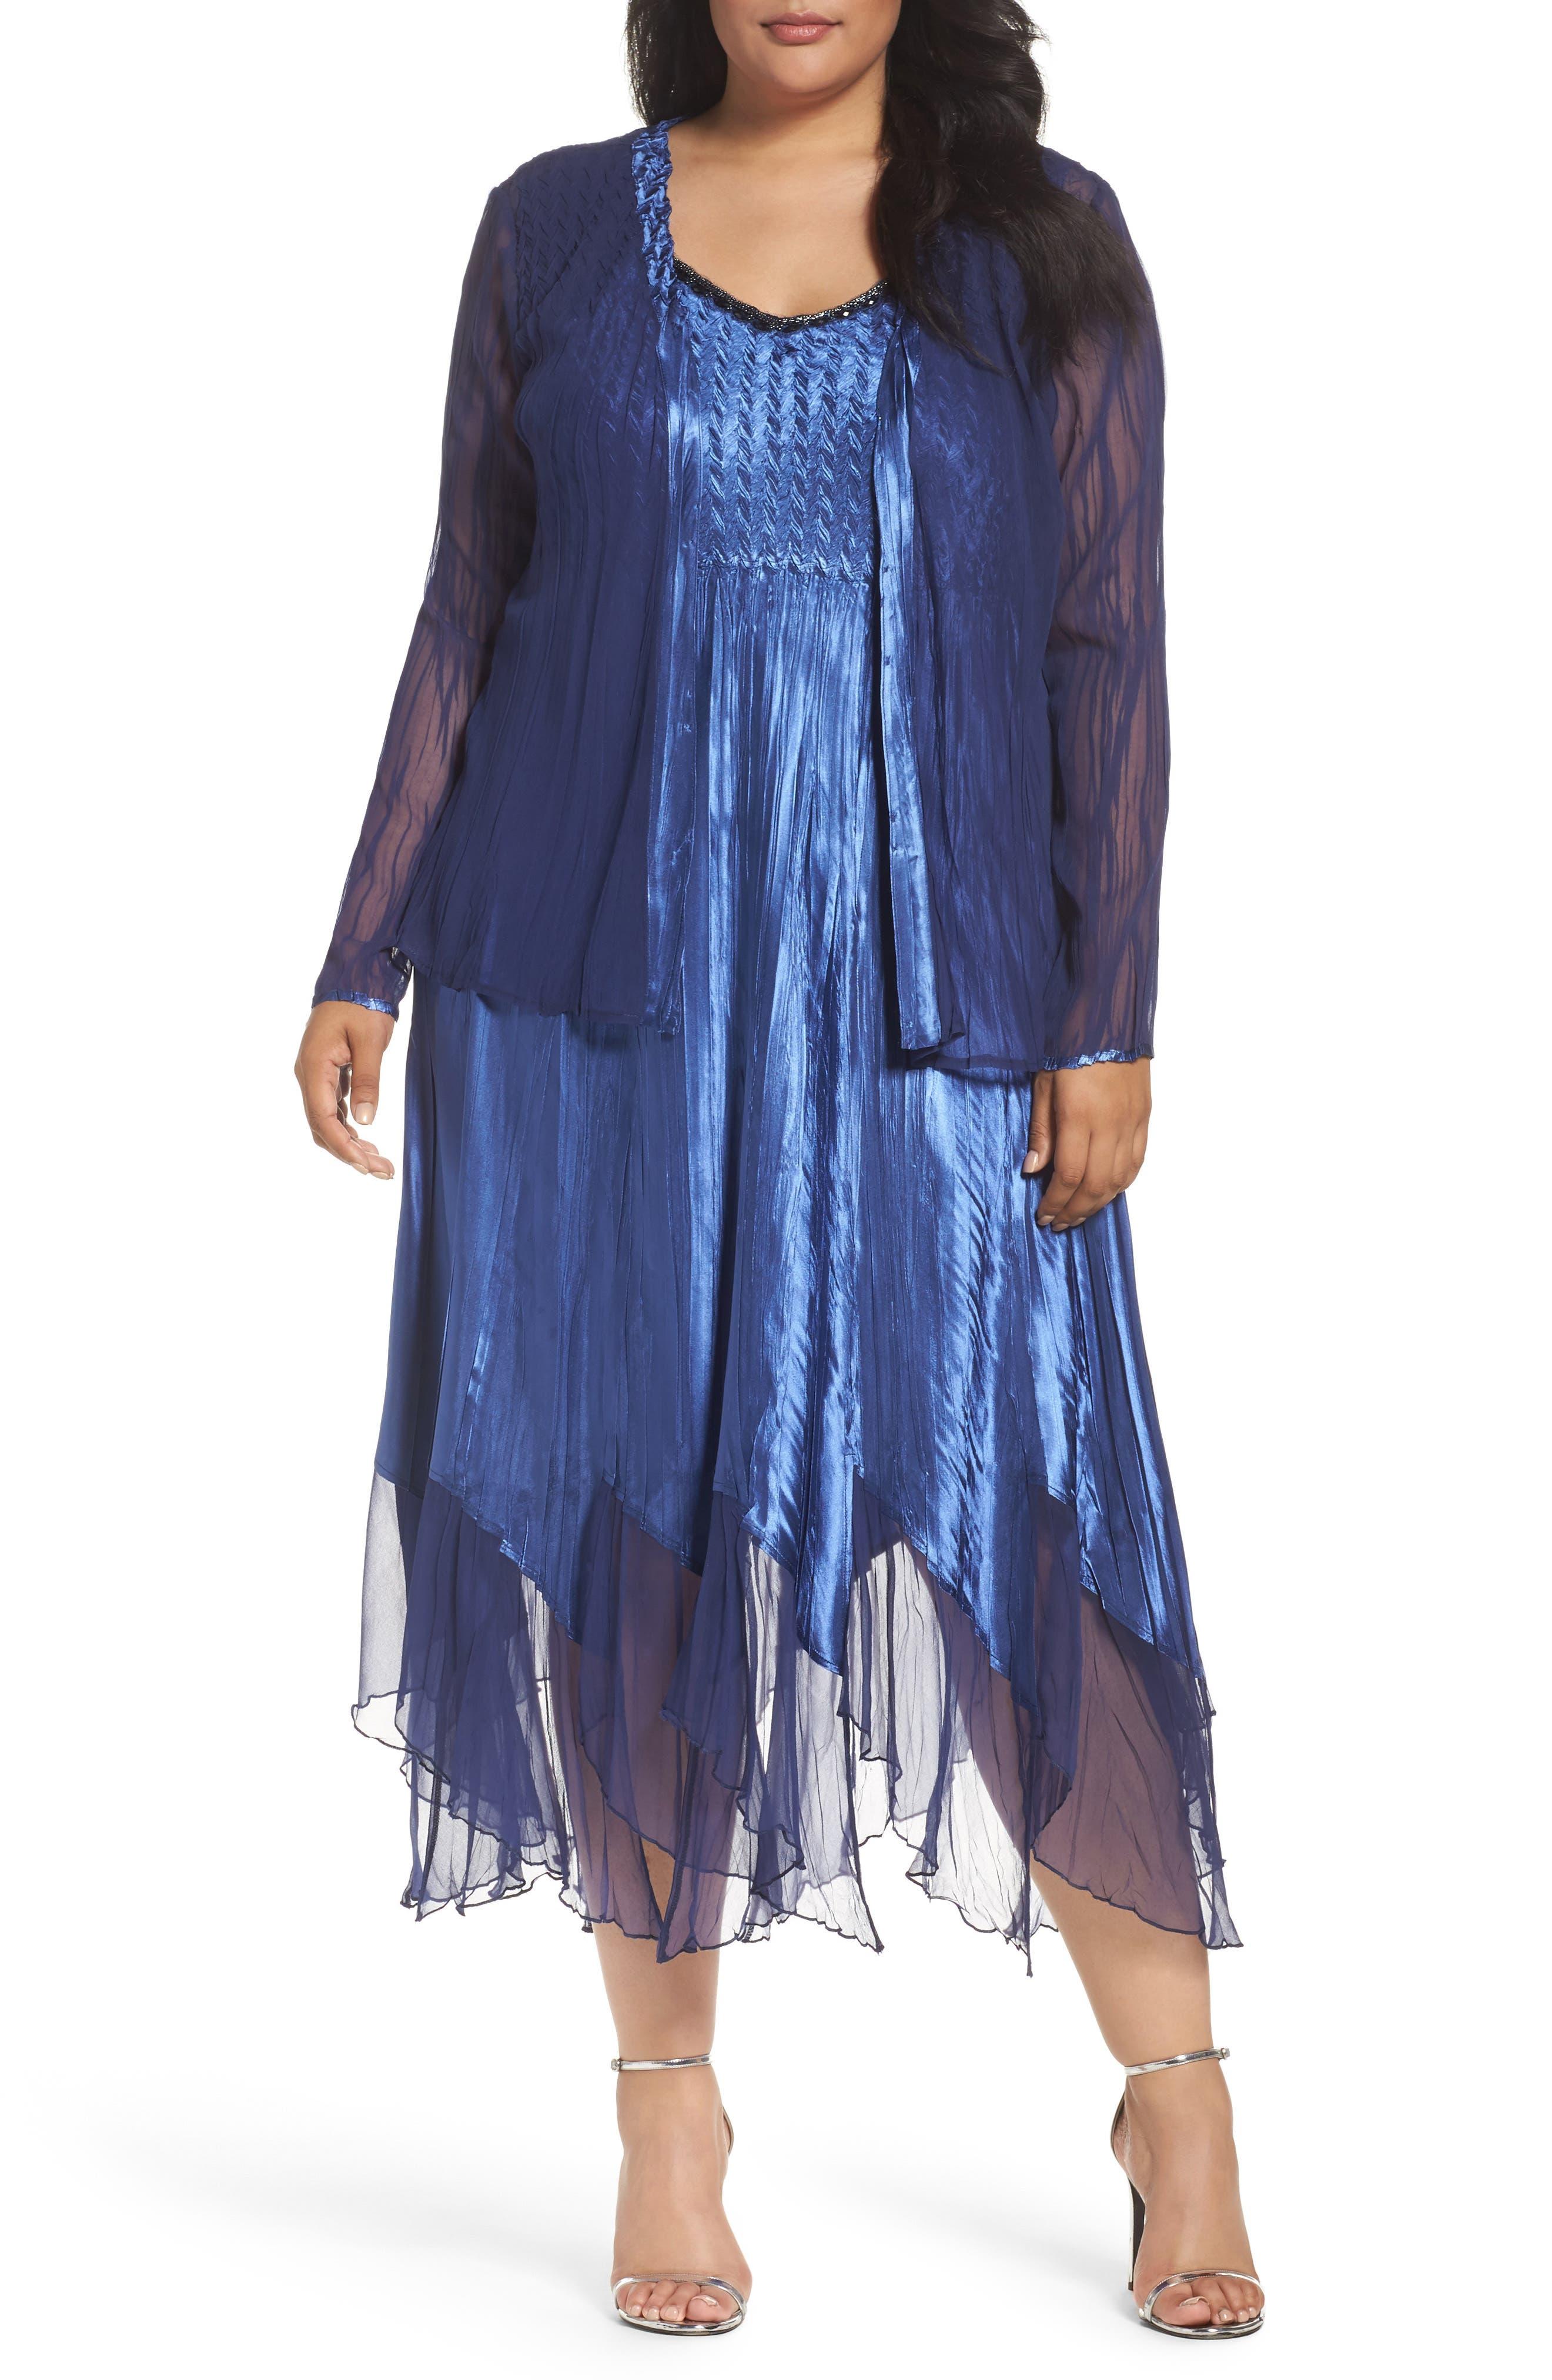 Alternate Image 1 Selected - Komarov Embellished A-Line Dress and Jacket (Plus Size)